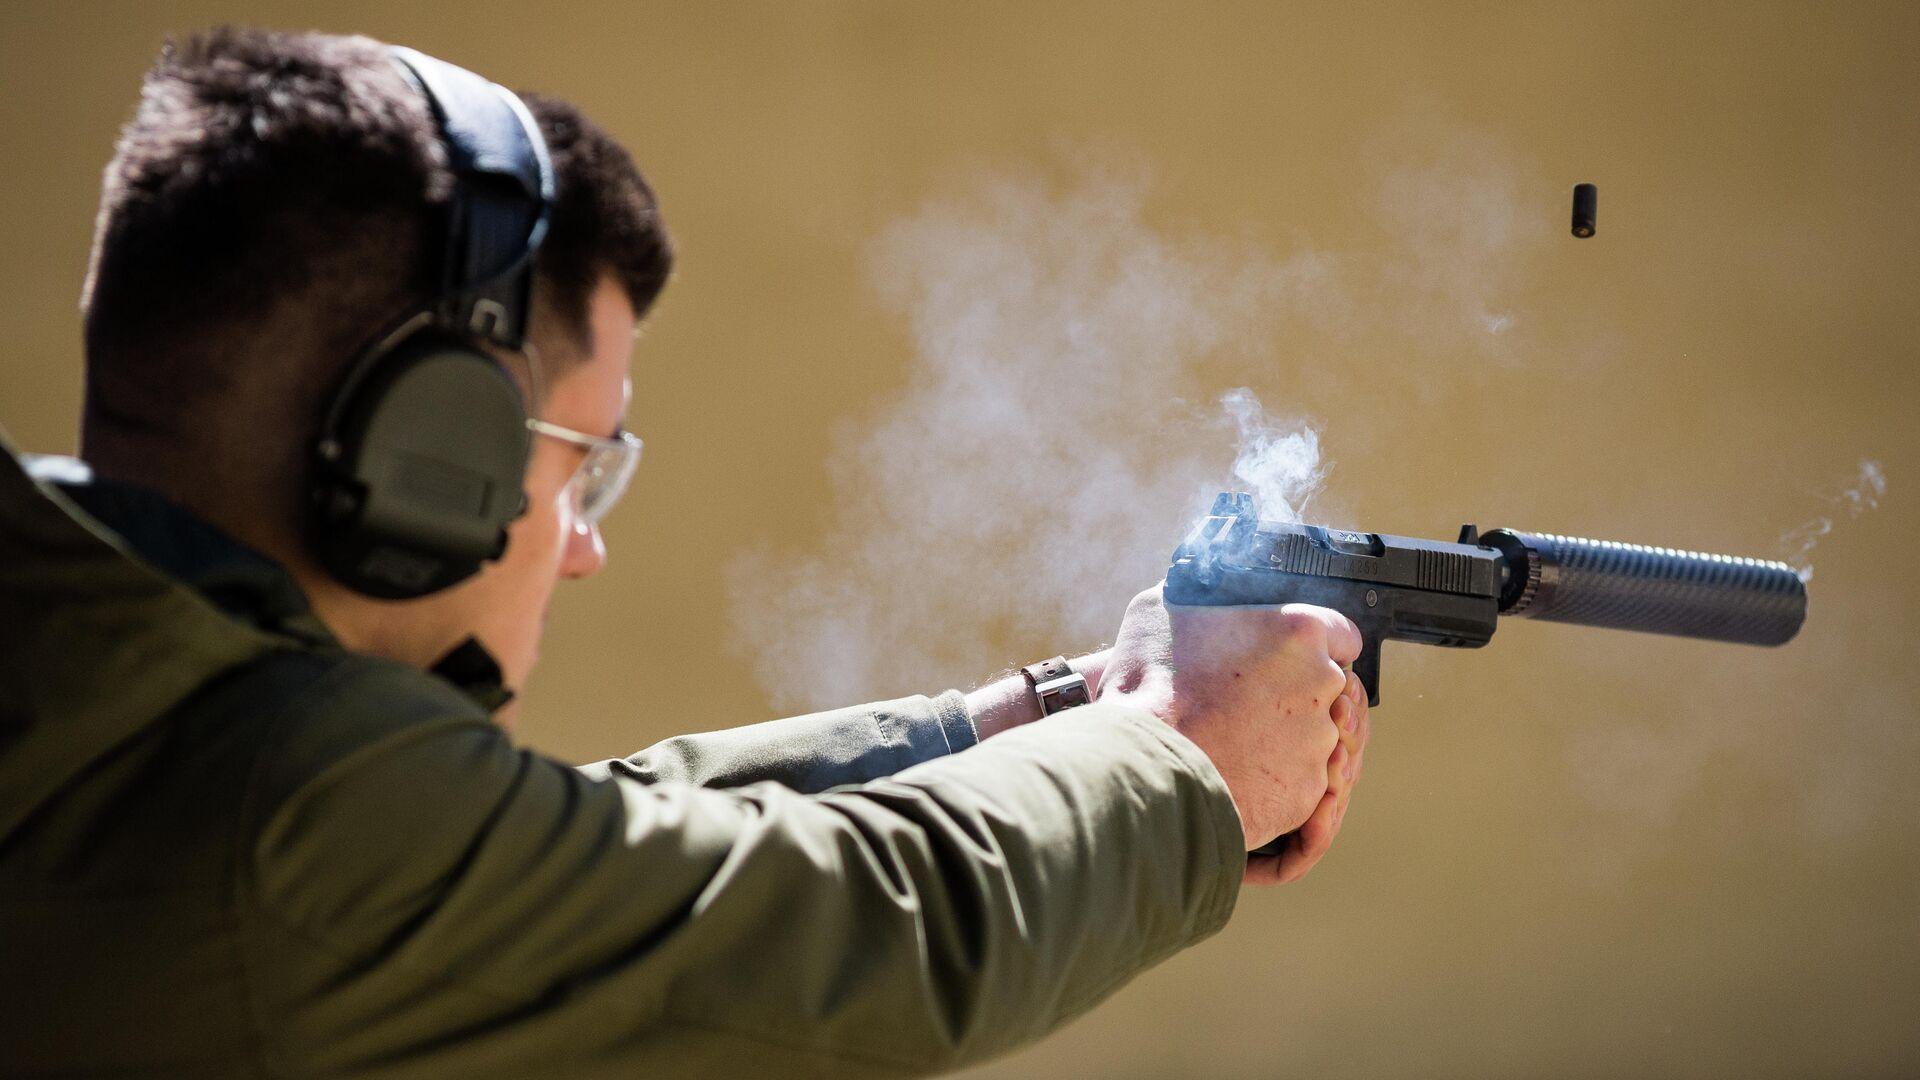 Стрельба из специальной версии пистолета Удав с прибором бесшумной стрельбы - РИА Новости, 1920, 05.08.2020